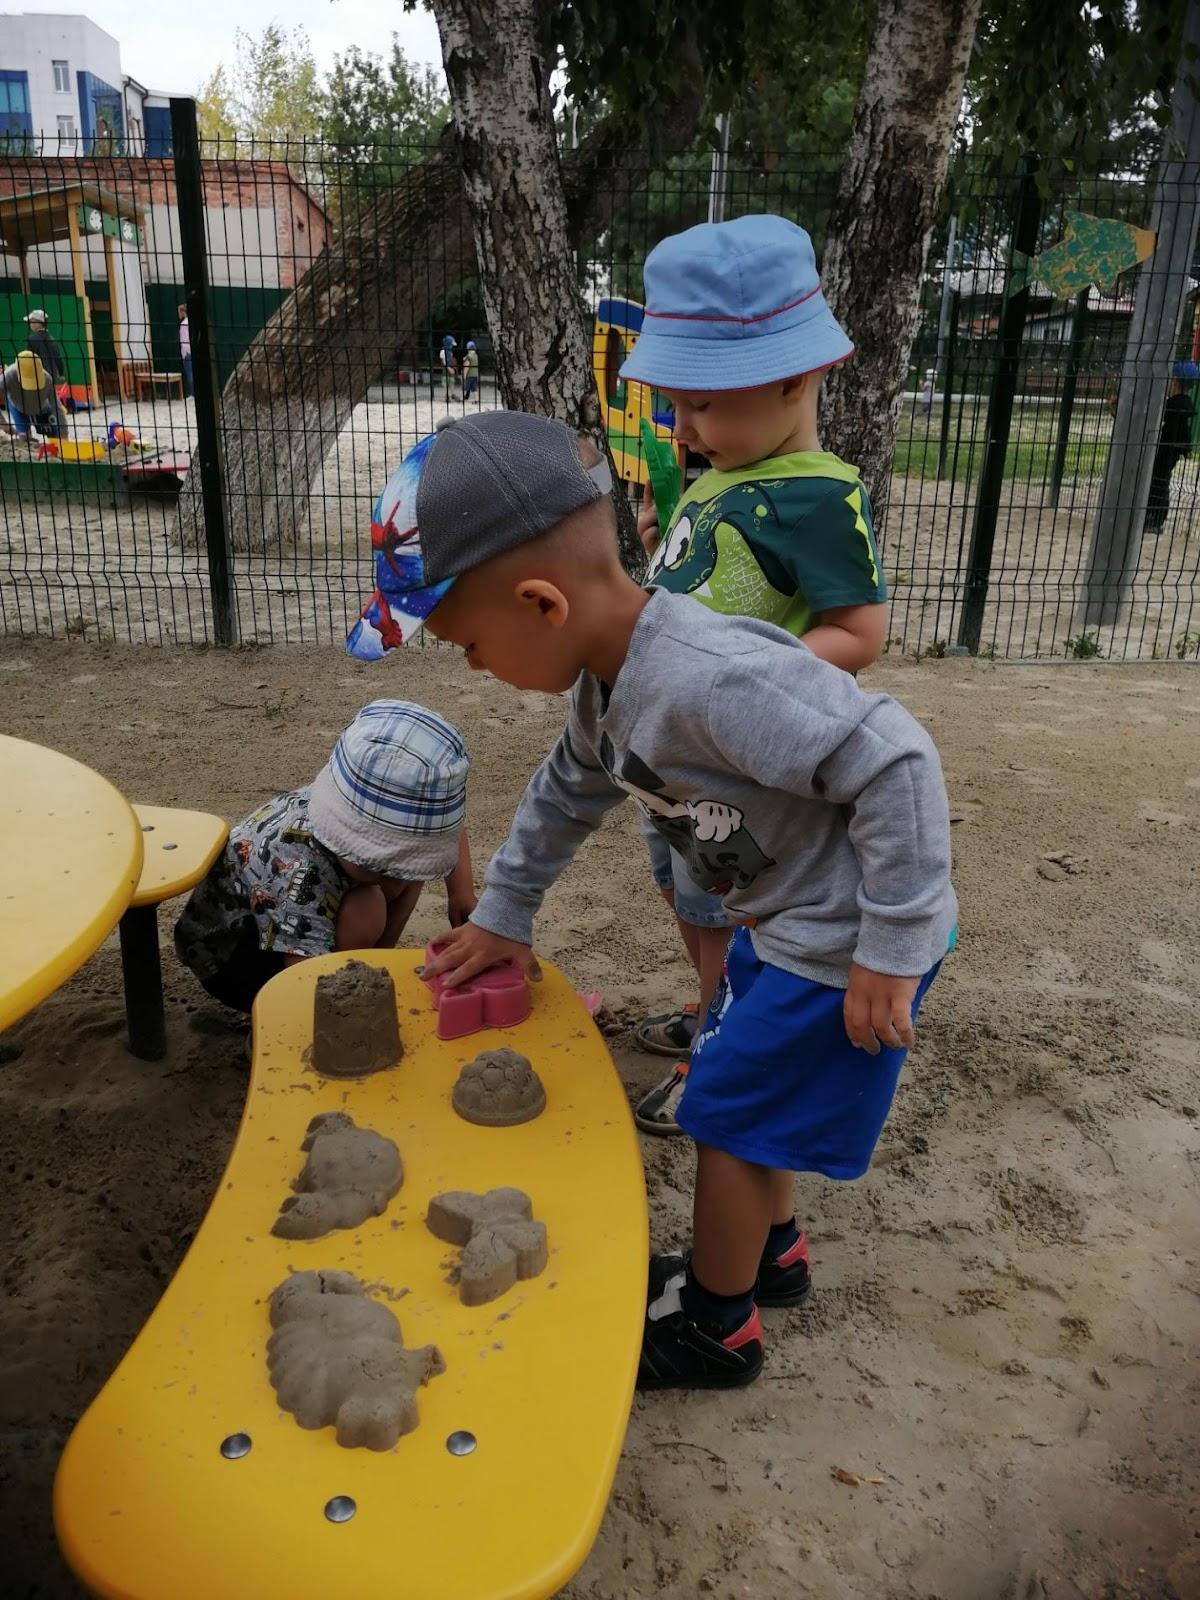 F:\новость 1 гр знайки «Влияния игр в песок на детей младшего возраста»\IMG_20200720_105931.jpg